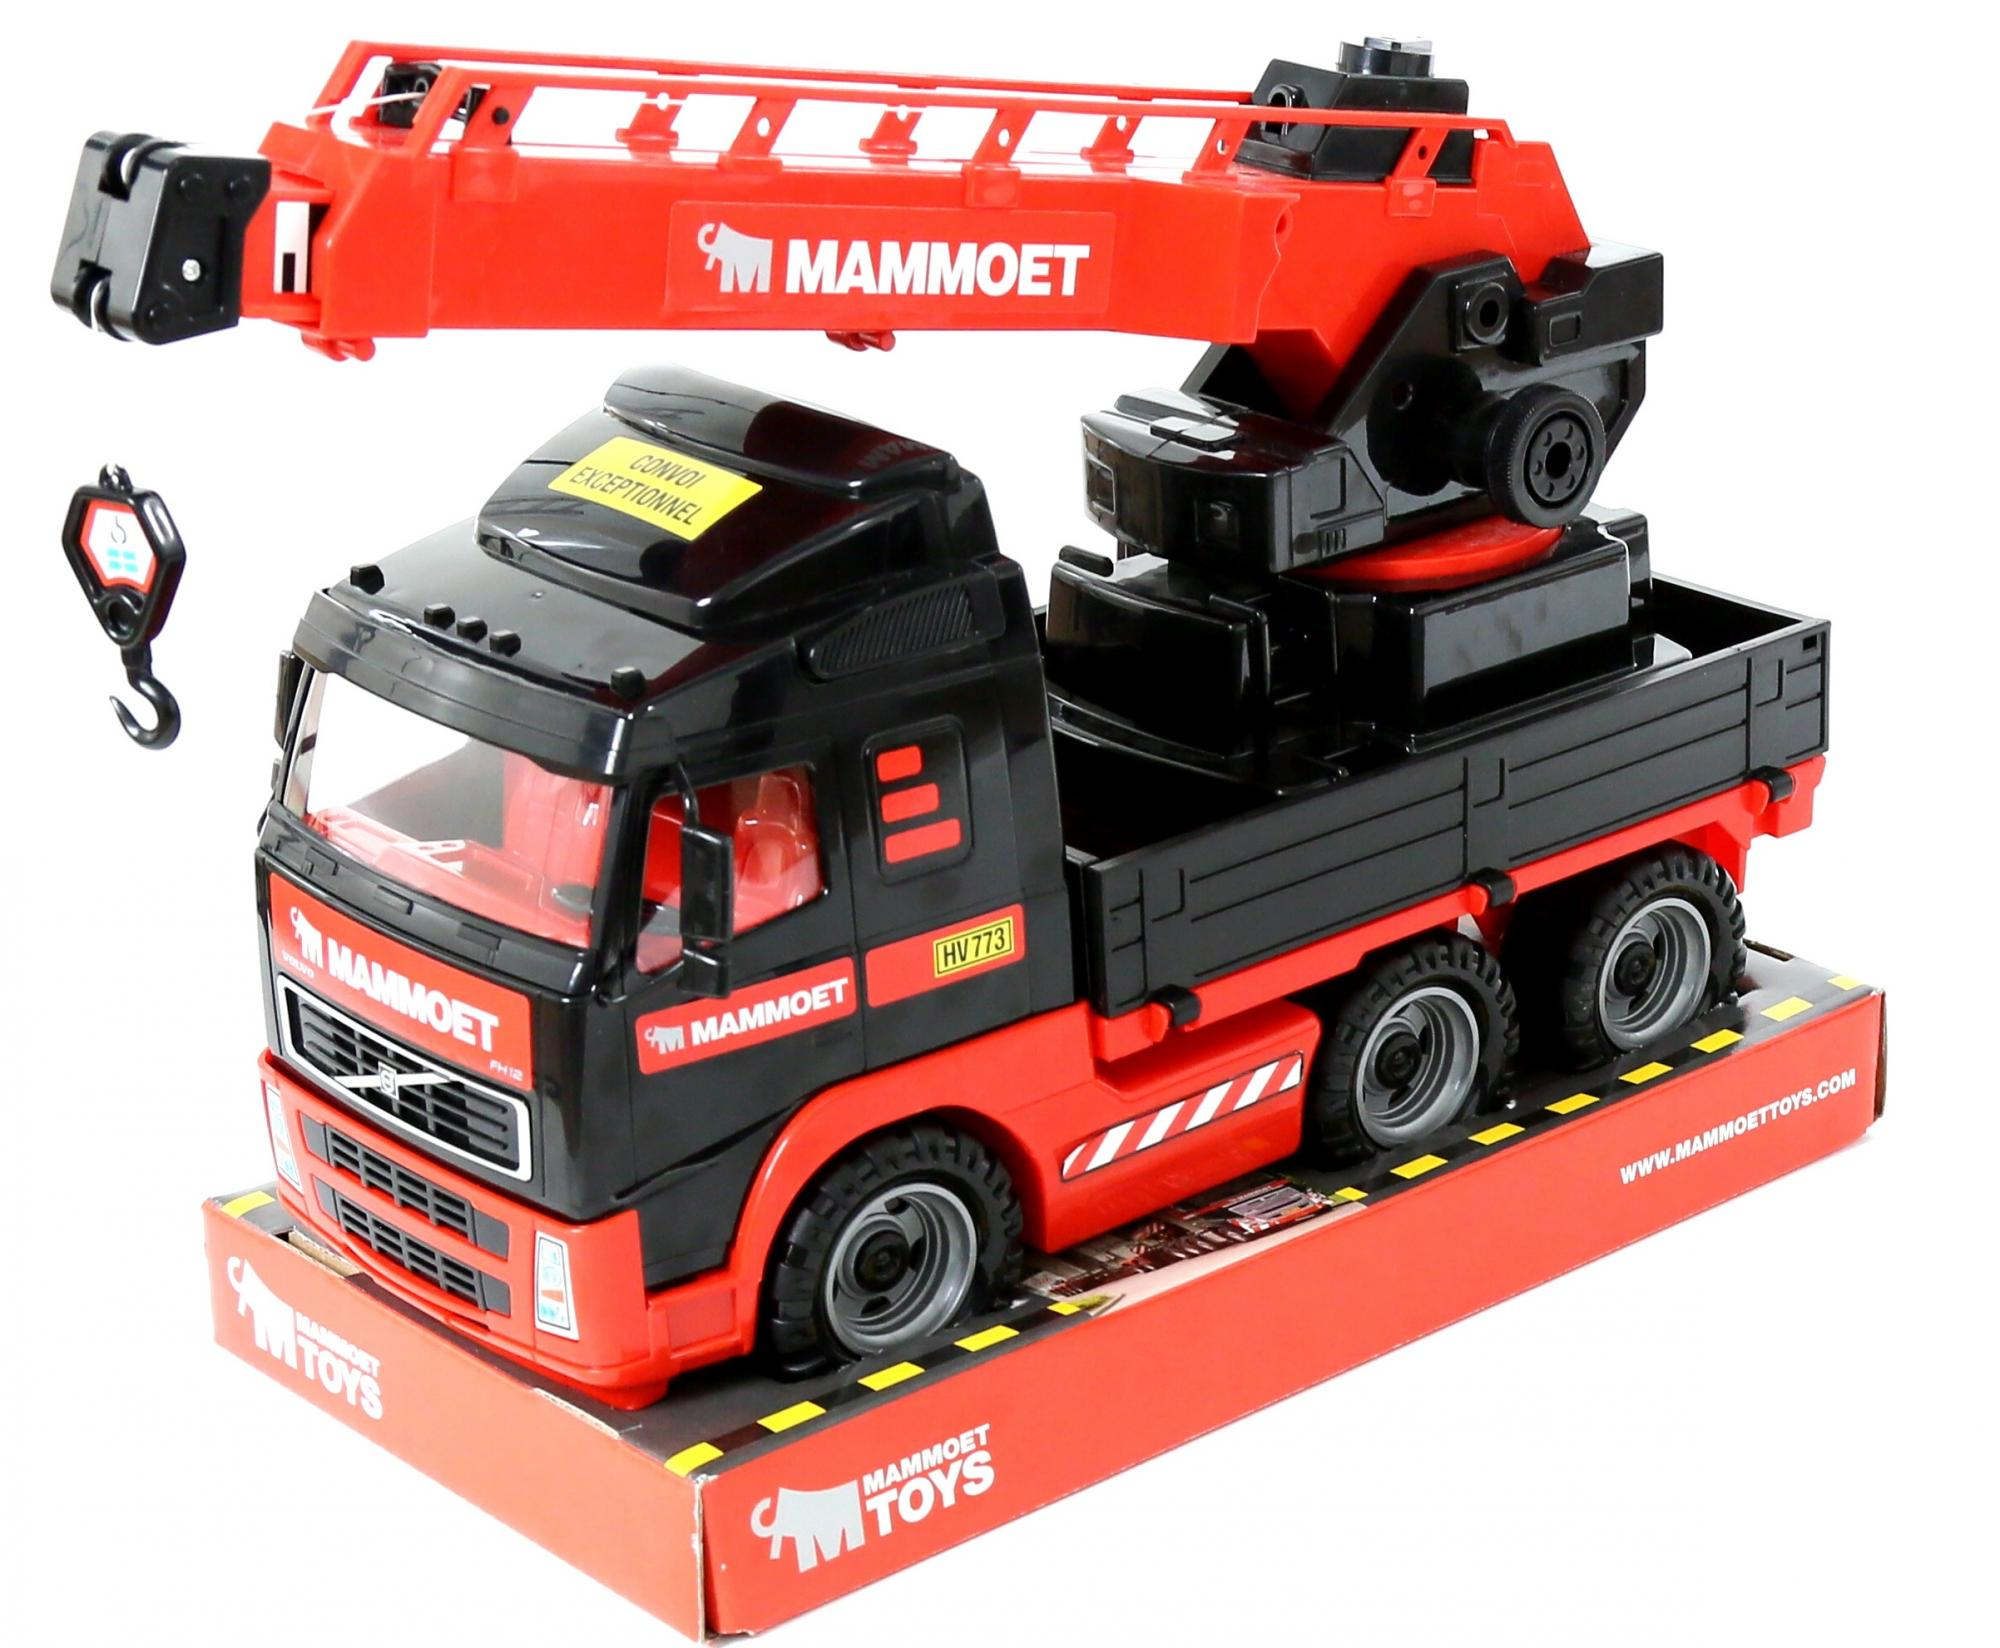 Автомобиль-кран Mammoet Volvo 203-03, с поворотной платформой от Toyway